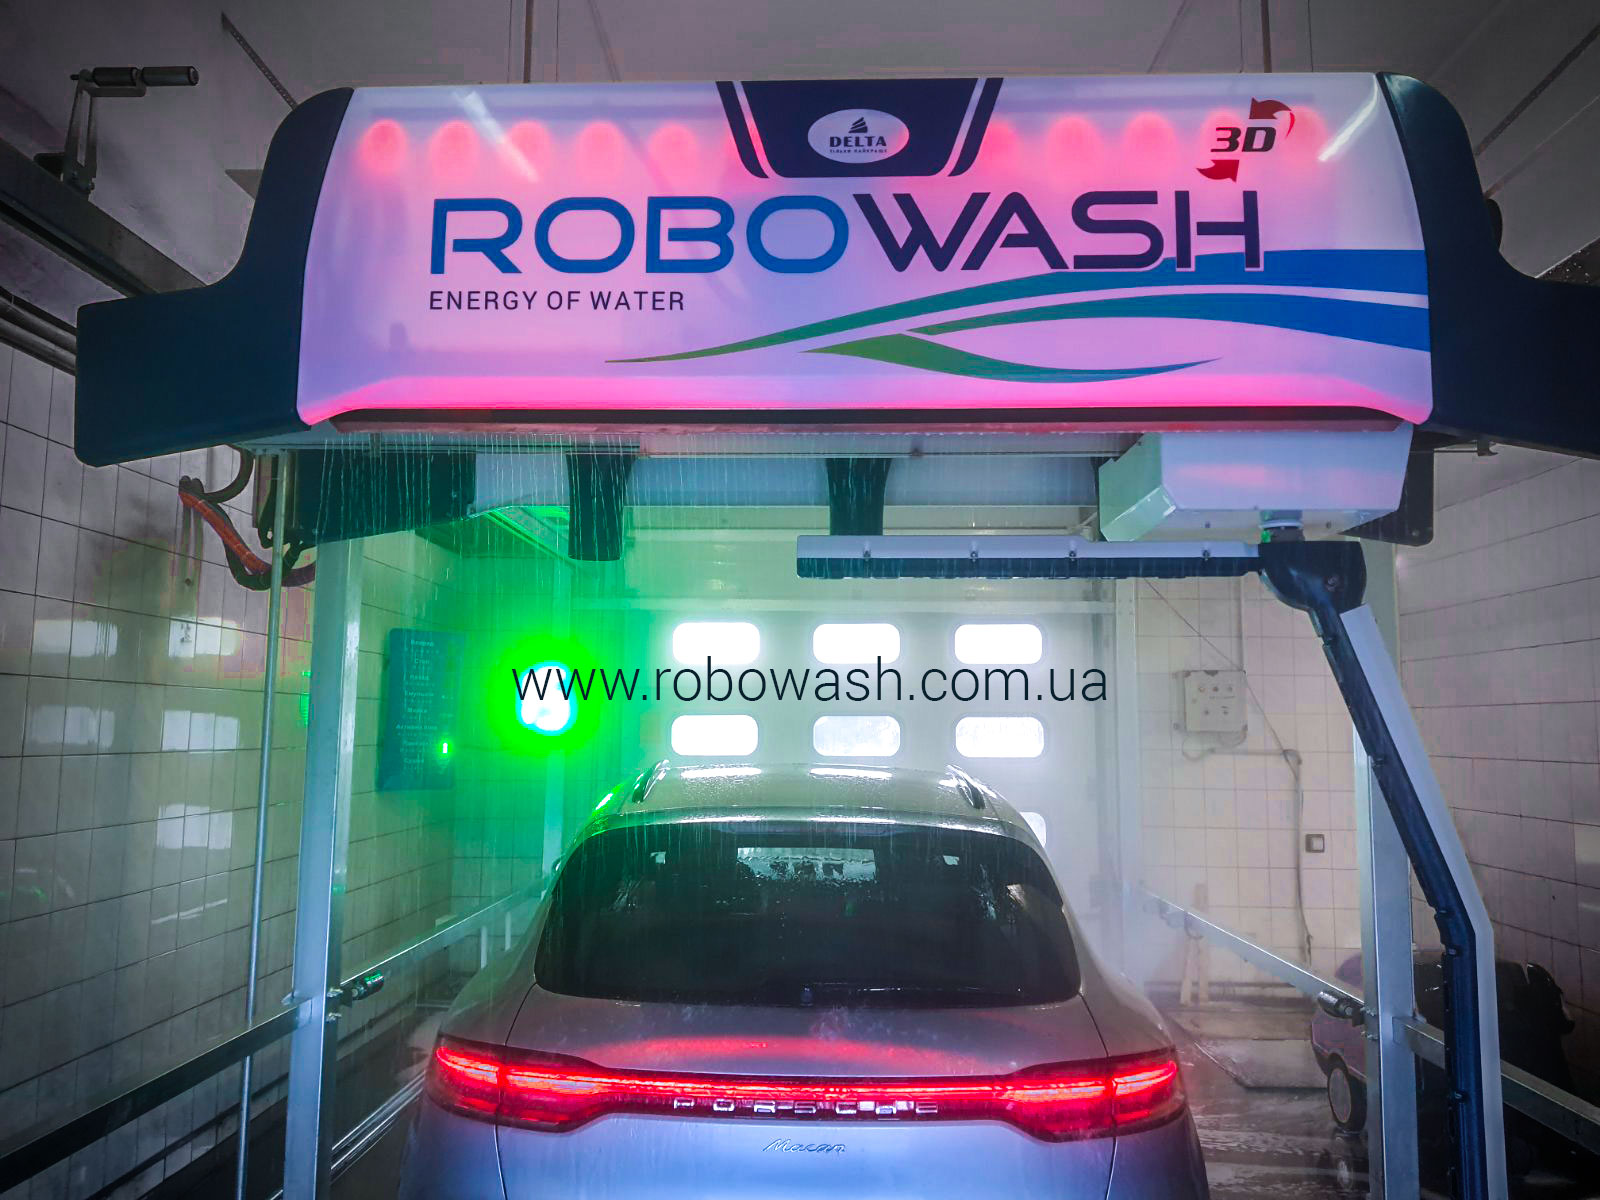 Автоматическая робот автомойка RoboWash Львов, Дж. Вашингтона 8